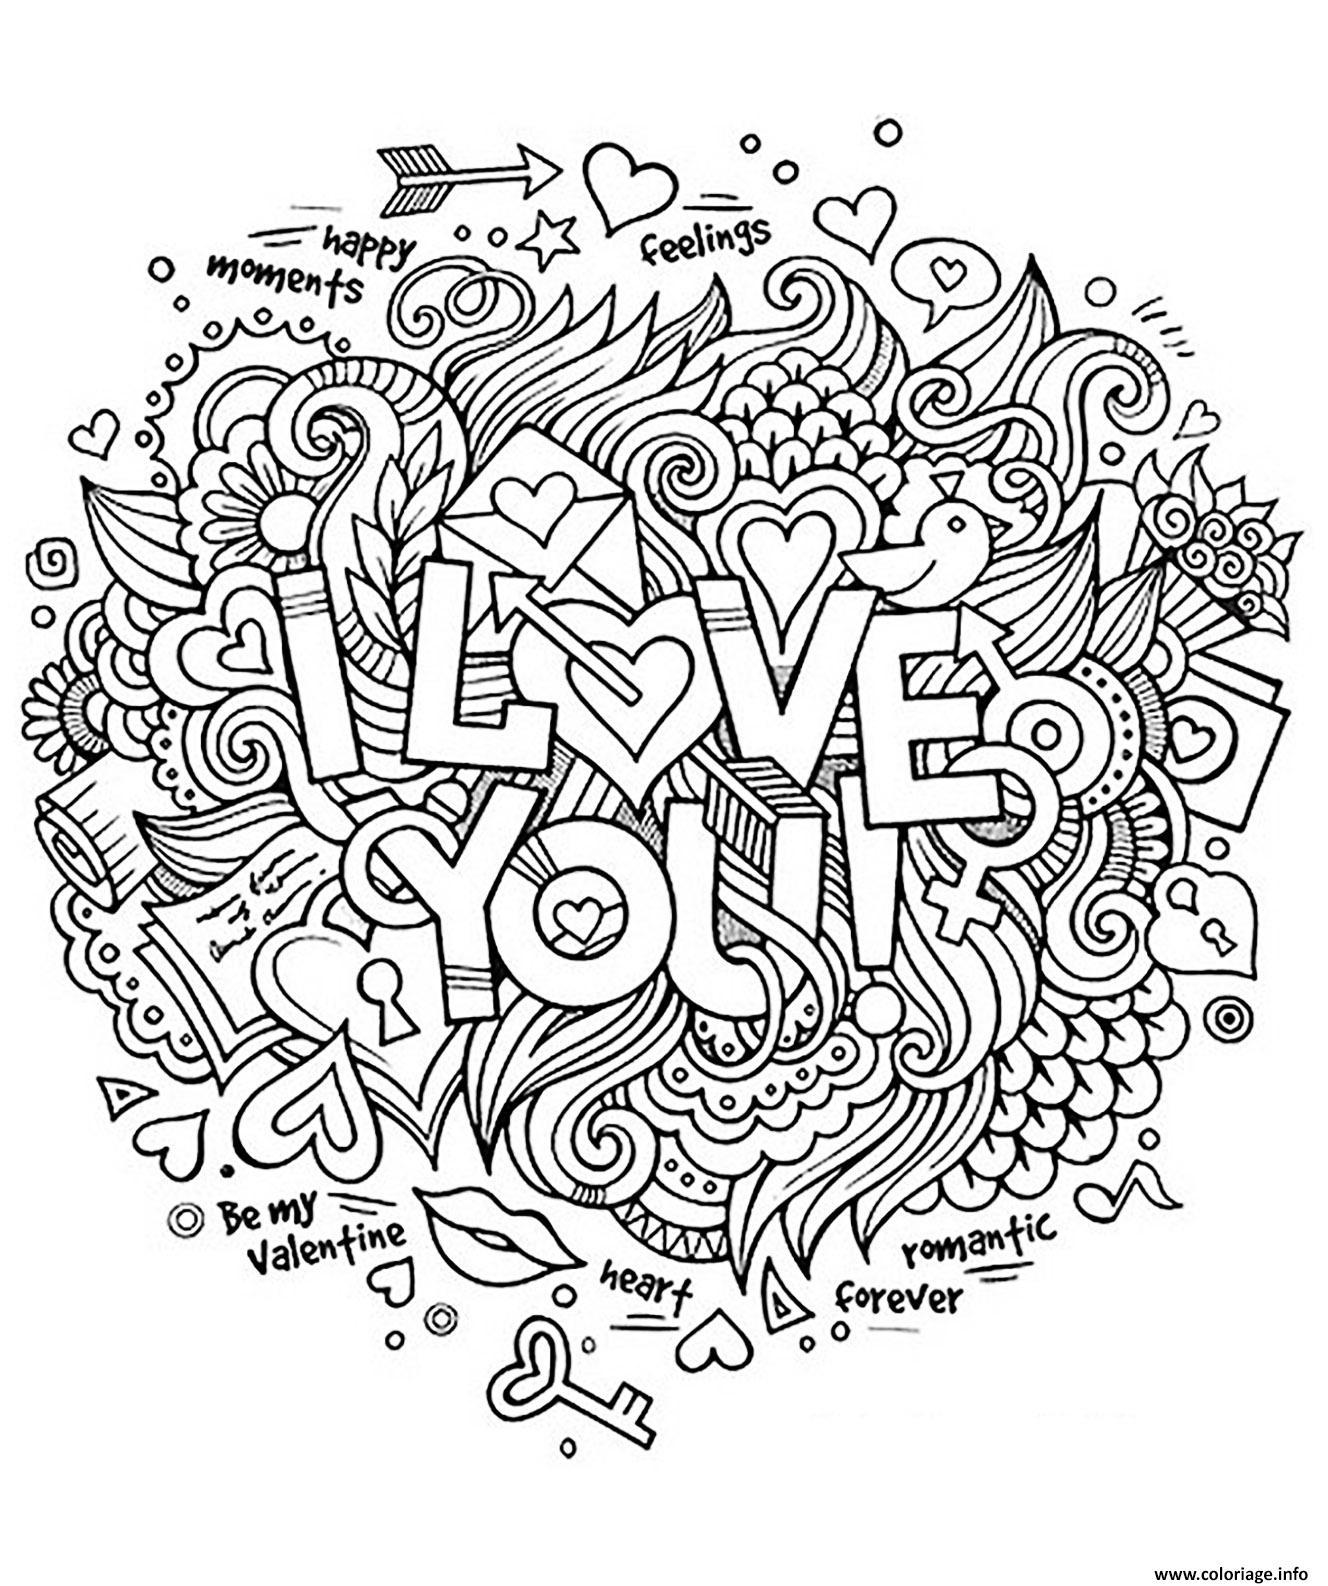 Dessin adulte coeur amour I love you romantique Coloriage Gratuit à Imprimer